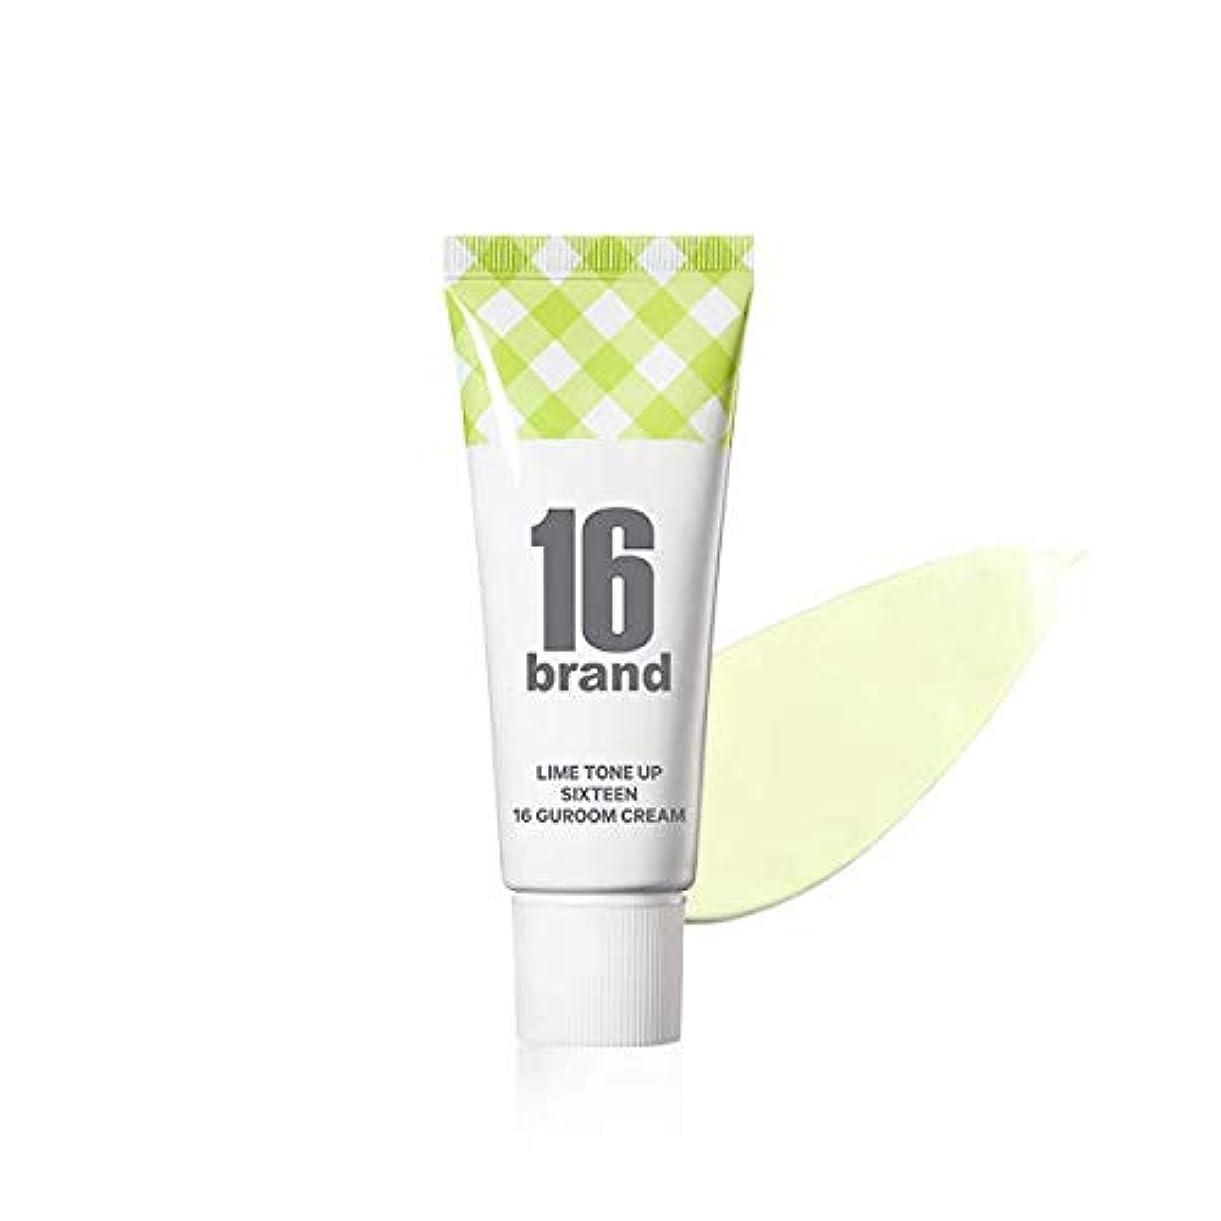 元に戻すスカリーオーディション16 Brand Sixteen Guroom Lime Tone Up Cream * 30ml (tube type) / 16ブランド シックスティーン クルム ライムクリーム SPF30 PA++ [並行輸入品]